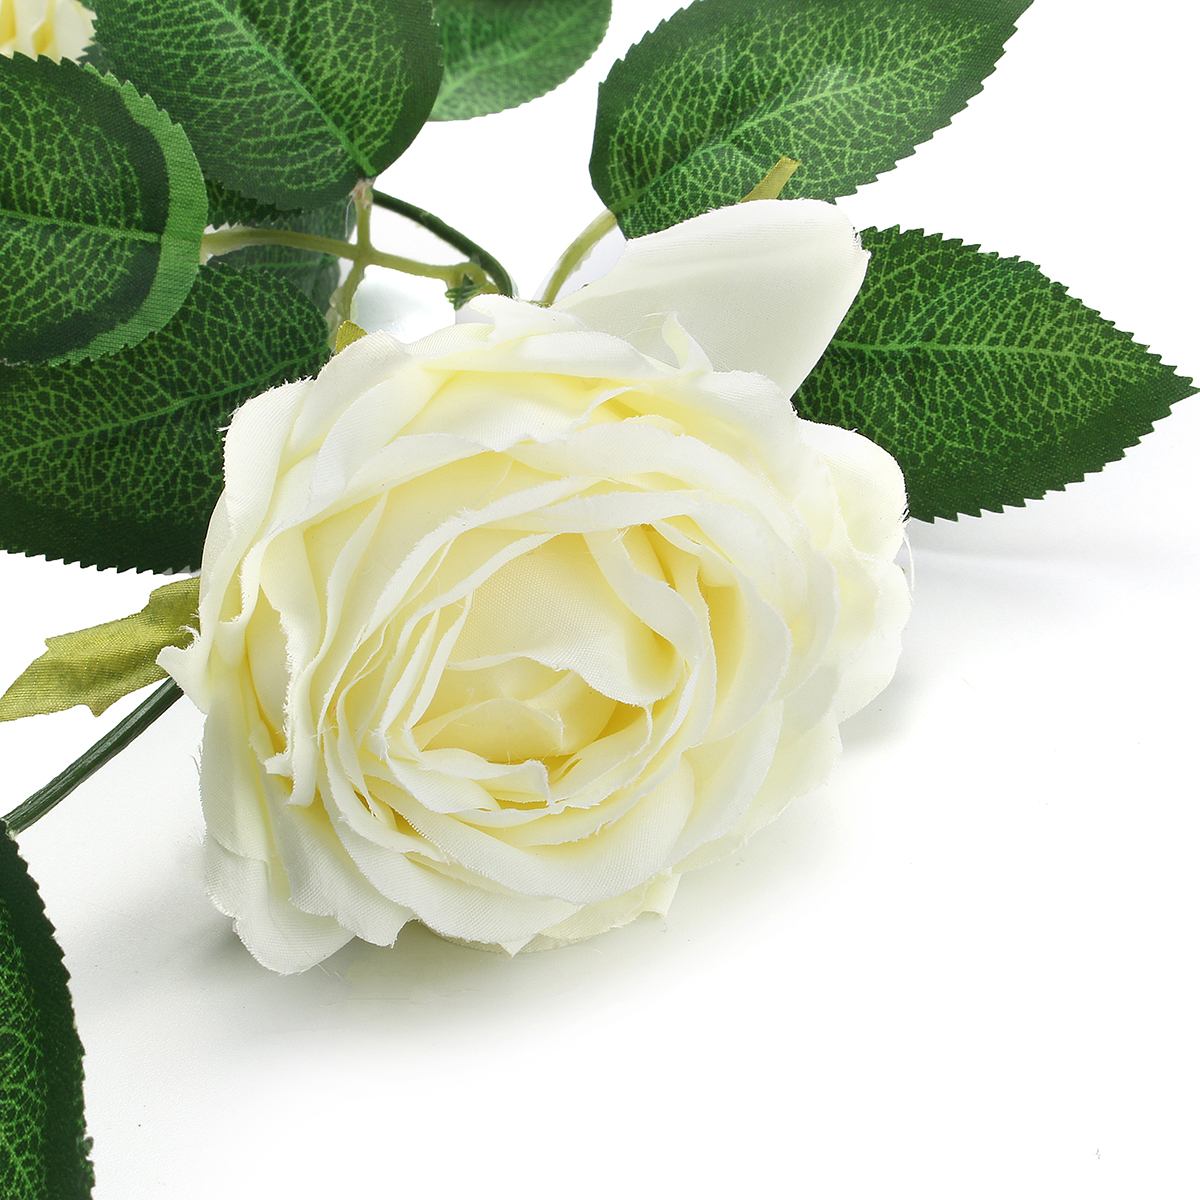 Hình ảnh hoa hồng trắng cực đẹp